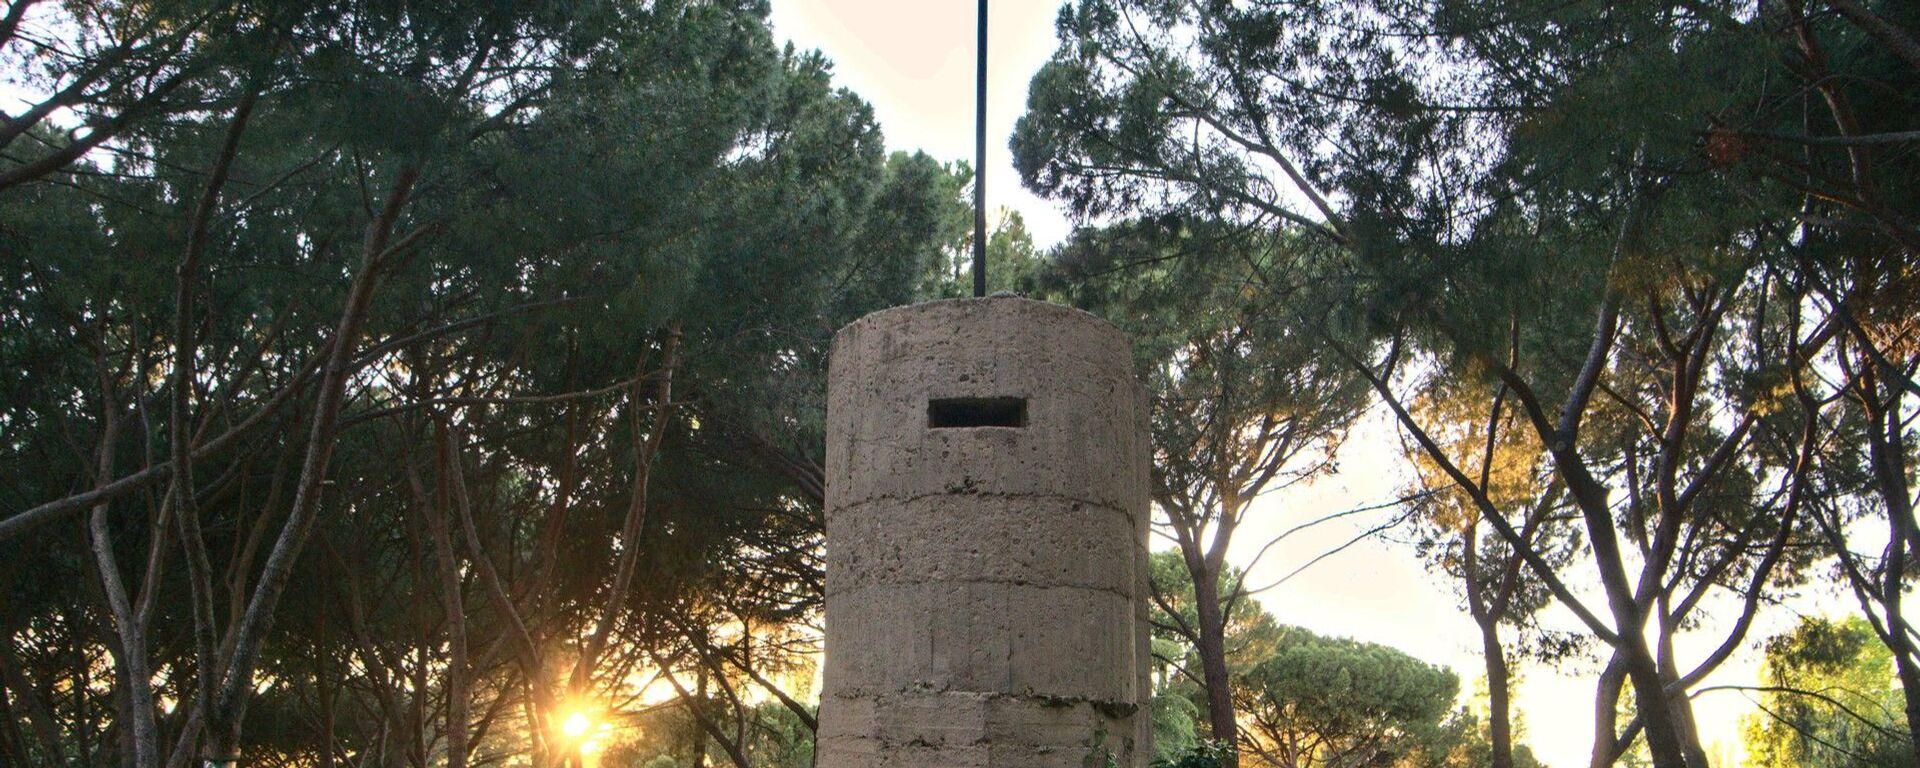 Un fortín de la Guerra Civil en el Parque del Oeste en Madrid - Sputnik Mundo, 1920, 23.10.2020